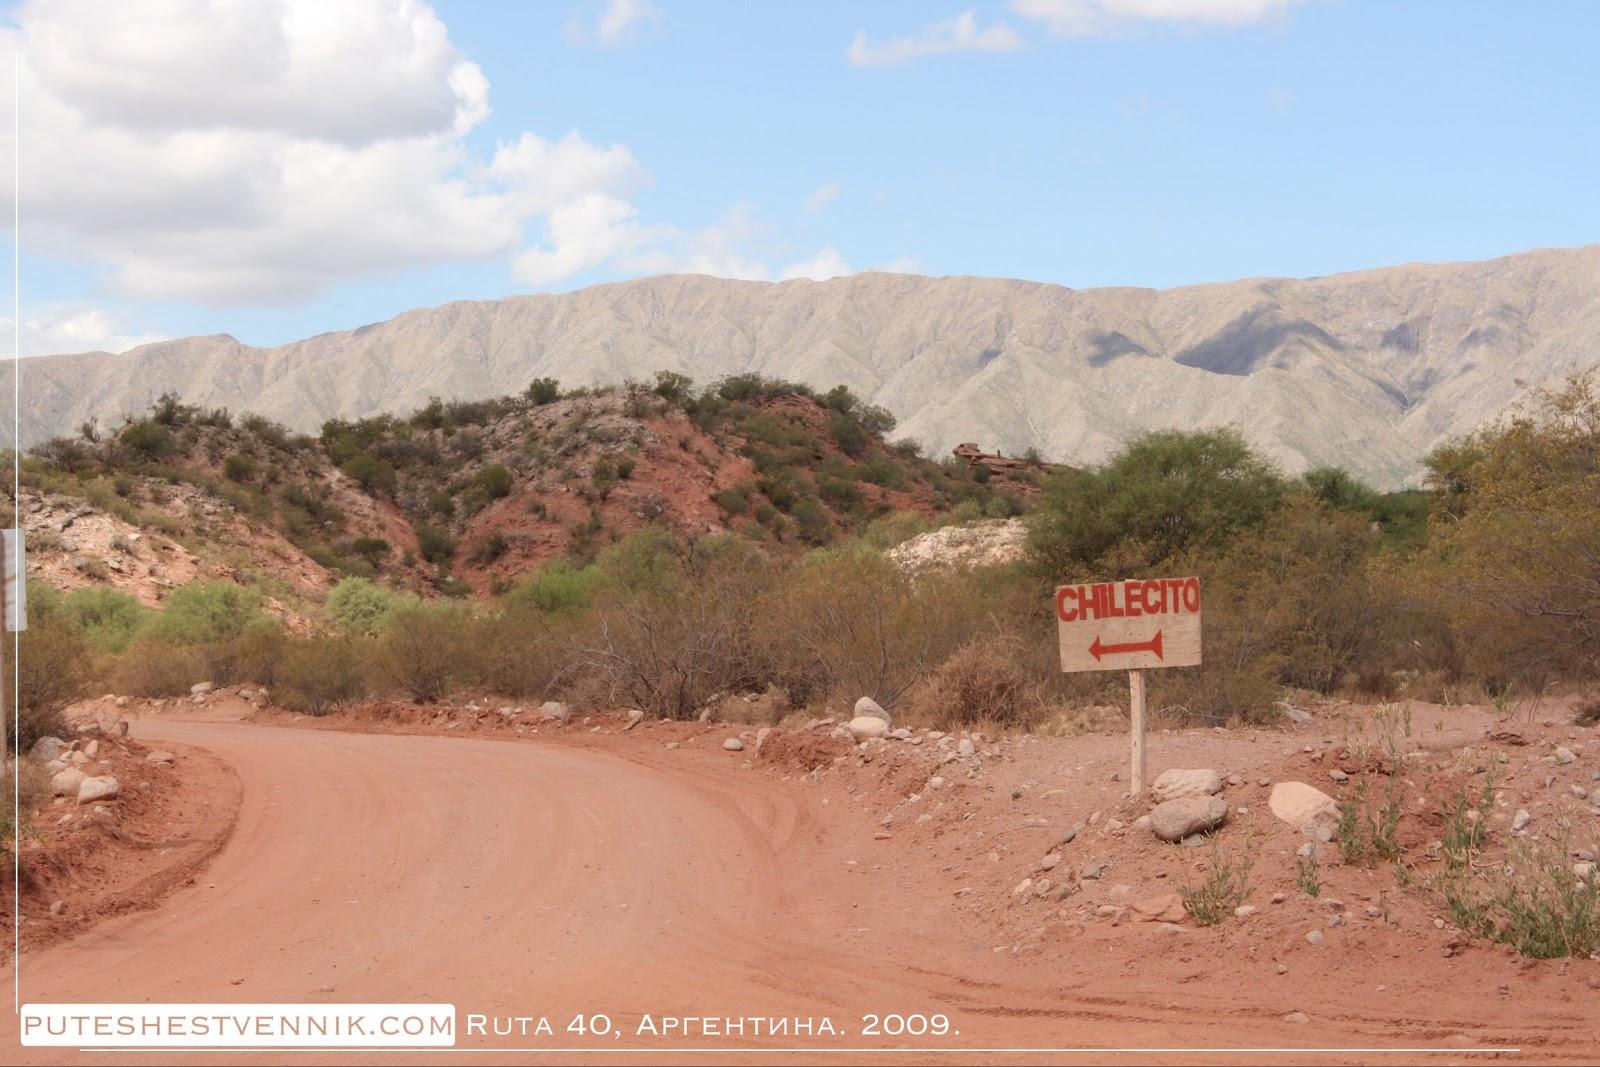 Дорожный указатель на дороге в Аргентине